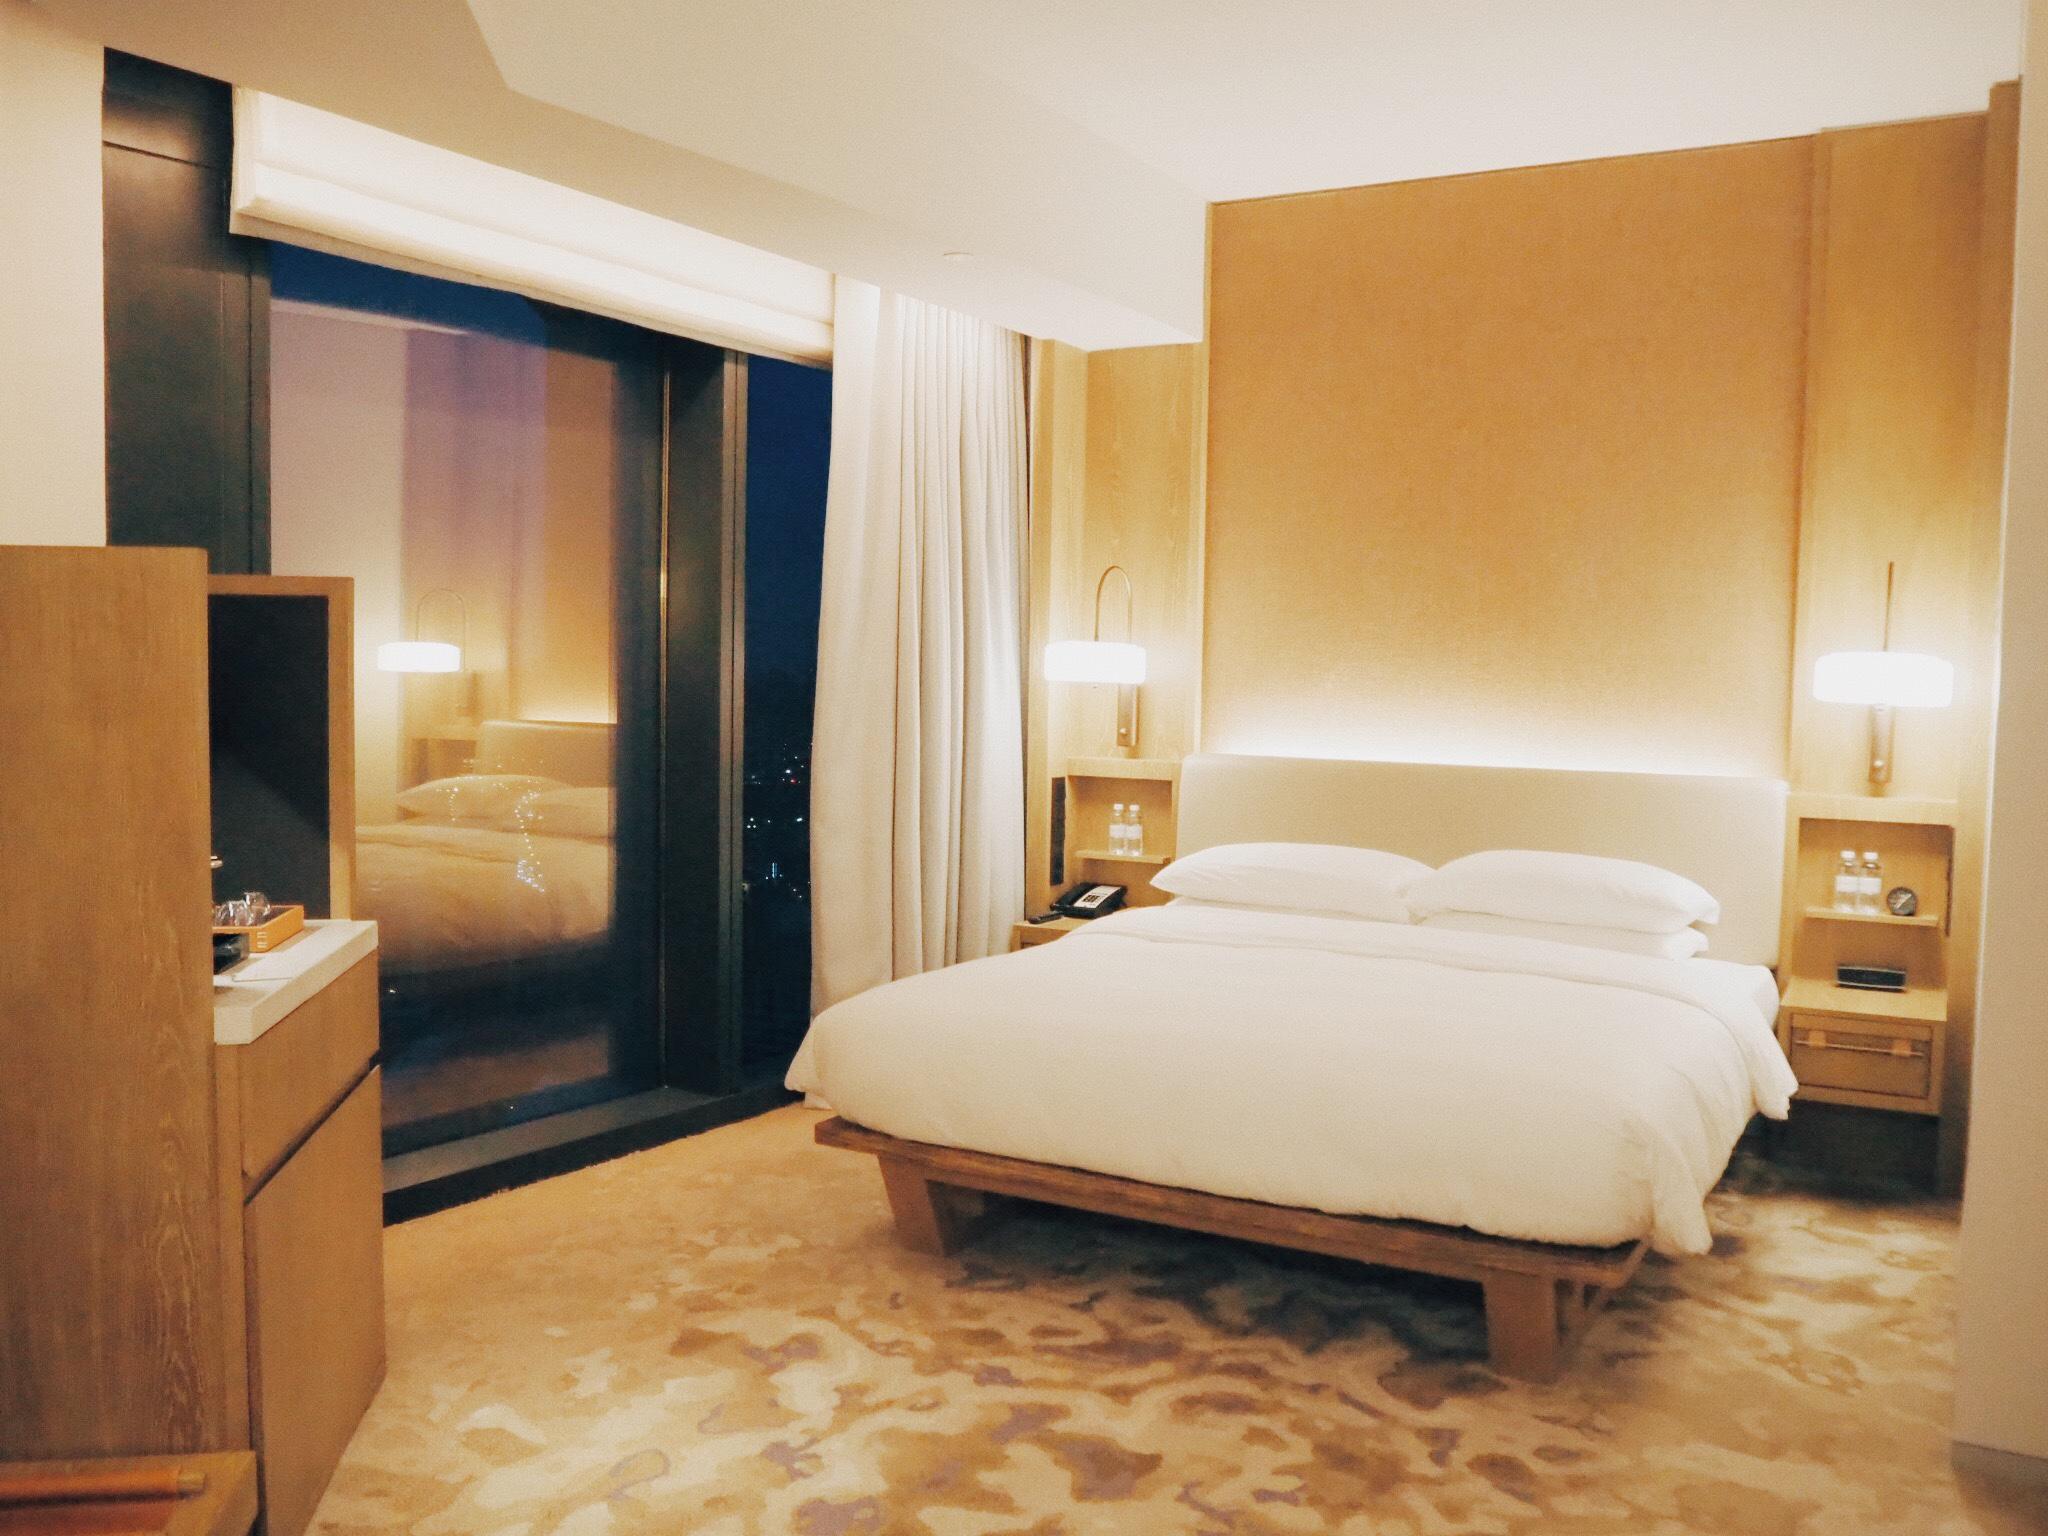 108565b3 ac2a 40a5 89e1 fc2c405f845d 1 - Andaz Singapore - ハイアット系列五つ星ホテル「アンダーズシンガポール」にまた泊まりたい理由